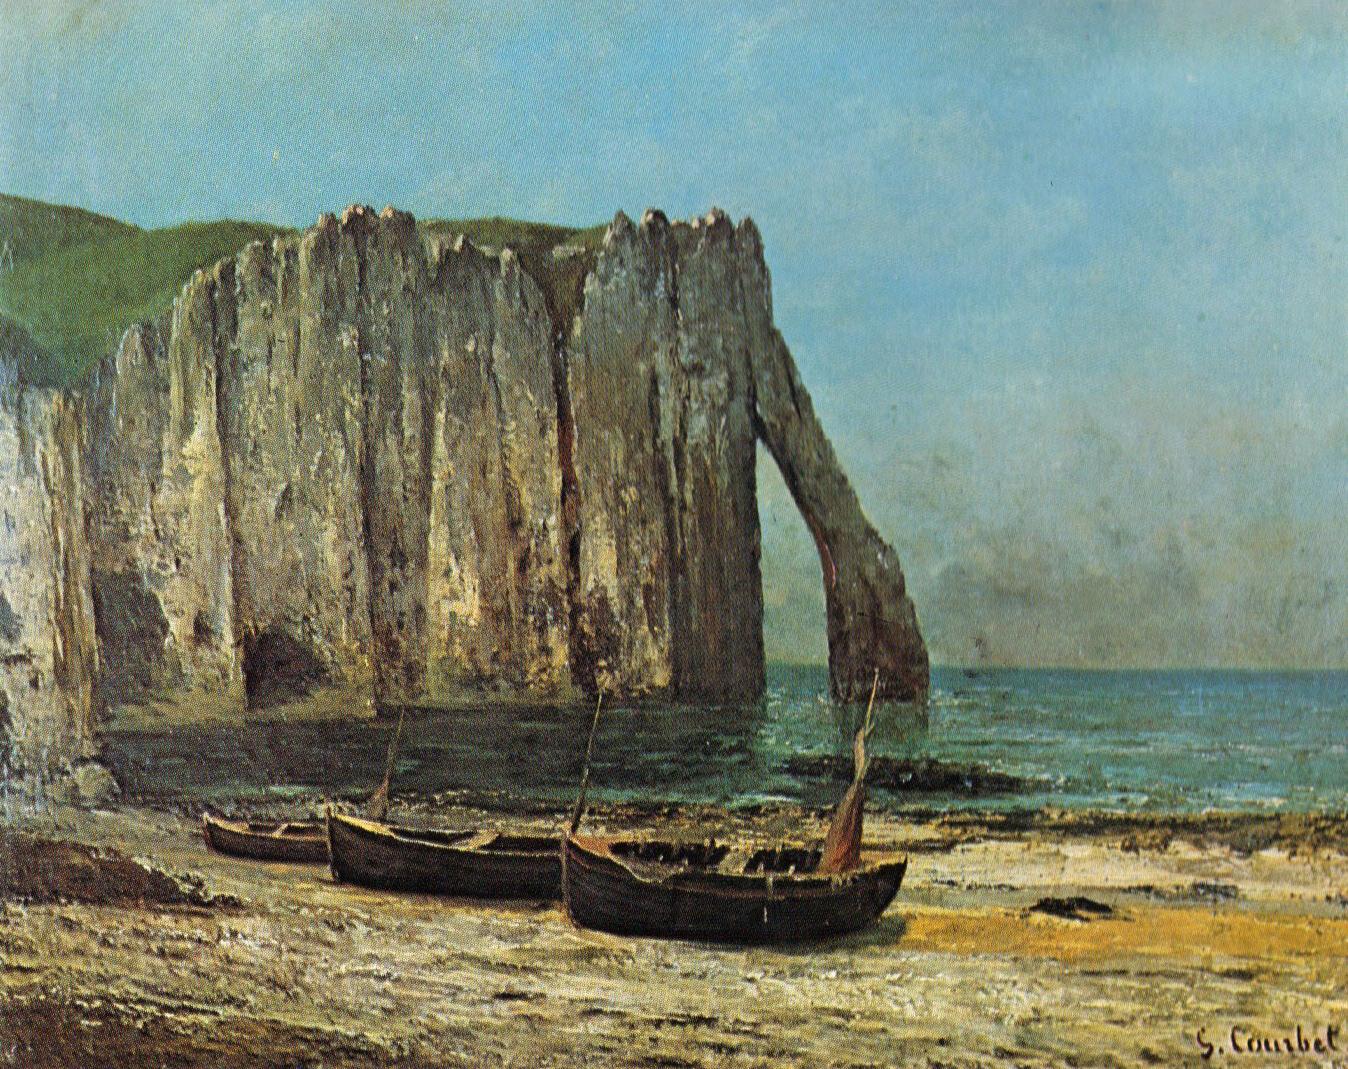 Художник Гюстав Курбе Gustave Courbet картина Скалы Этрета Etretat морские пейзажи природы Альберт Сафиуллин